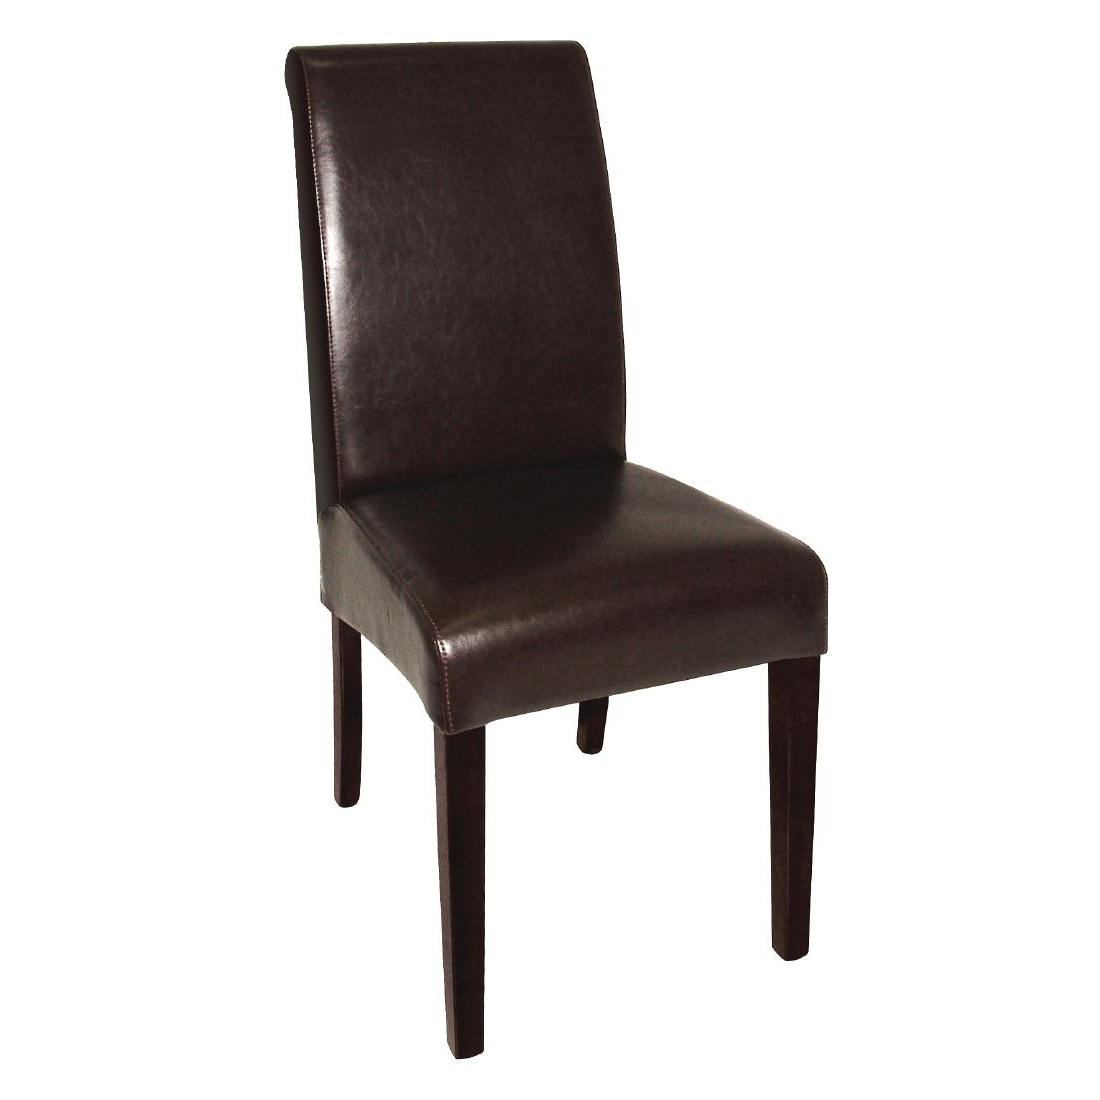 Chaises en simili cuir à dossier incurvé Bolero noires